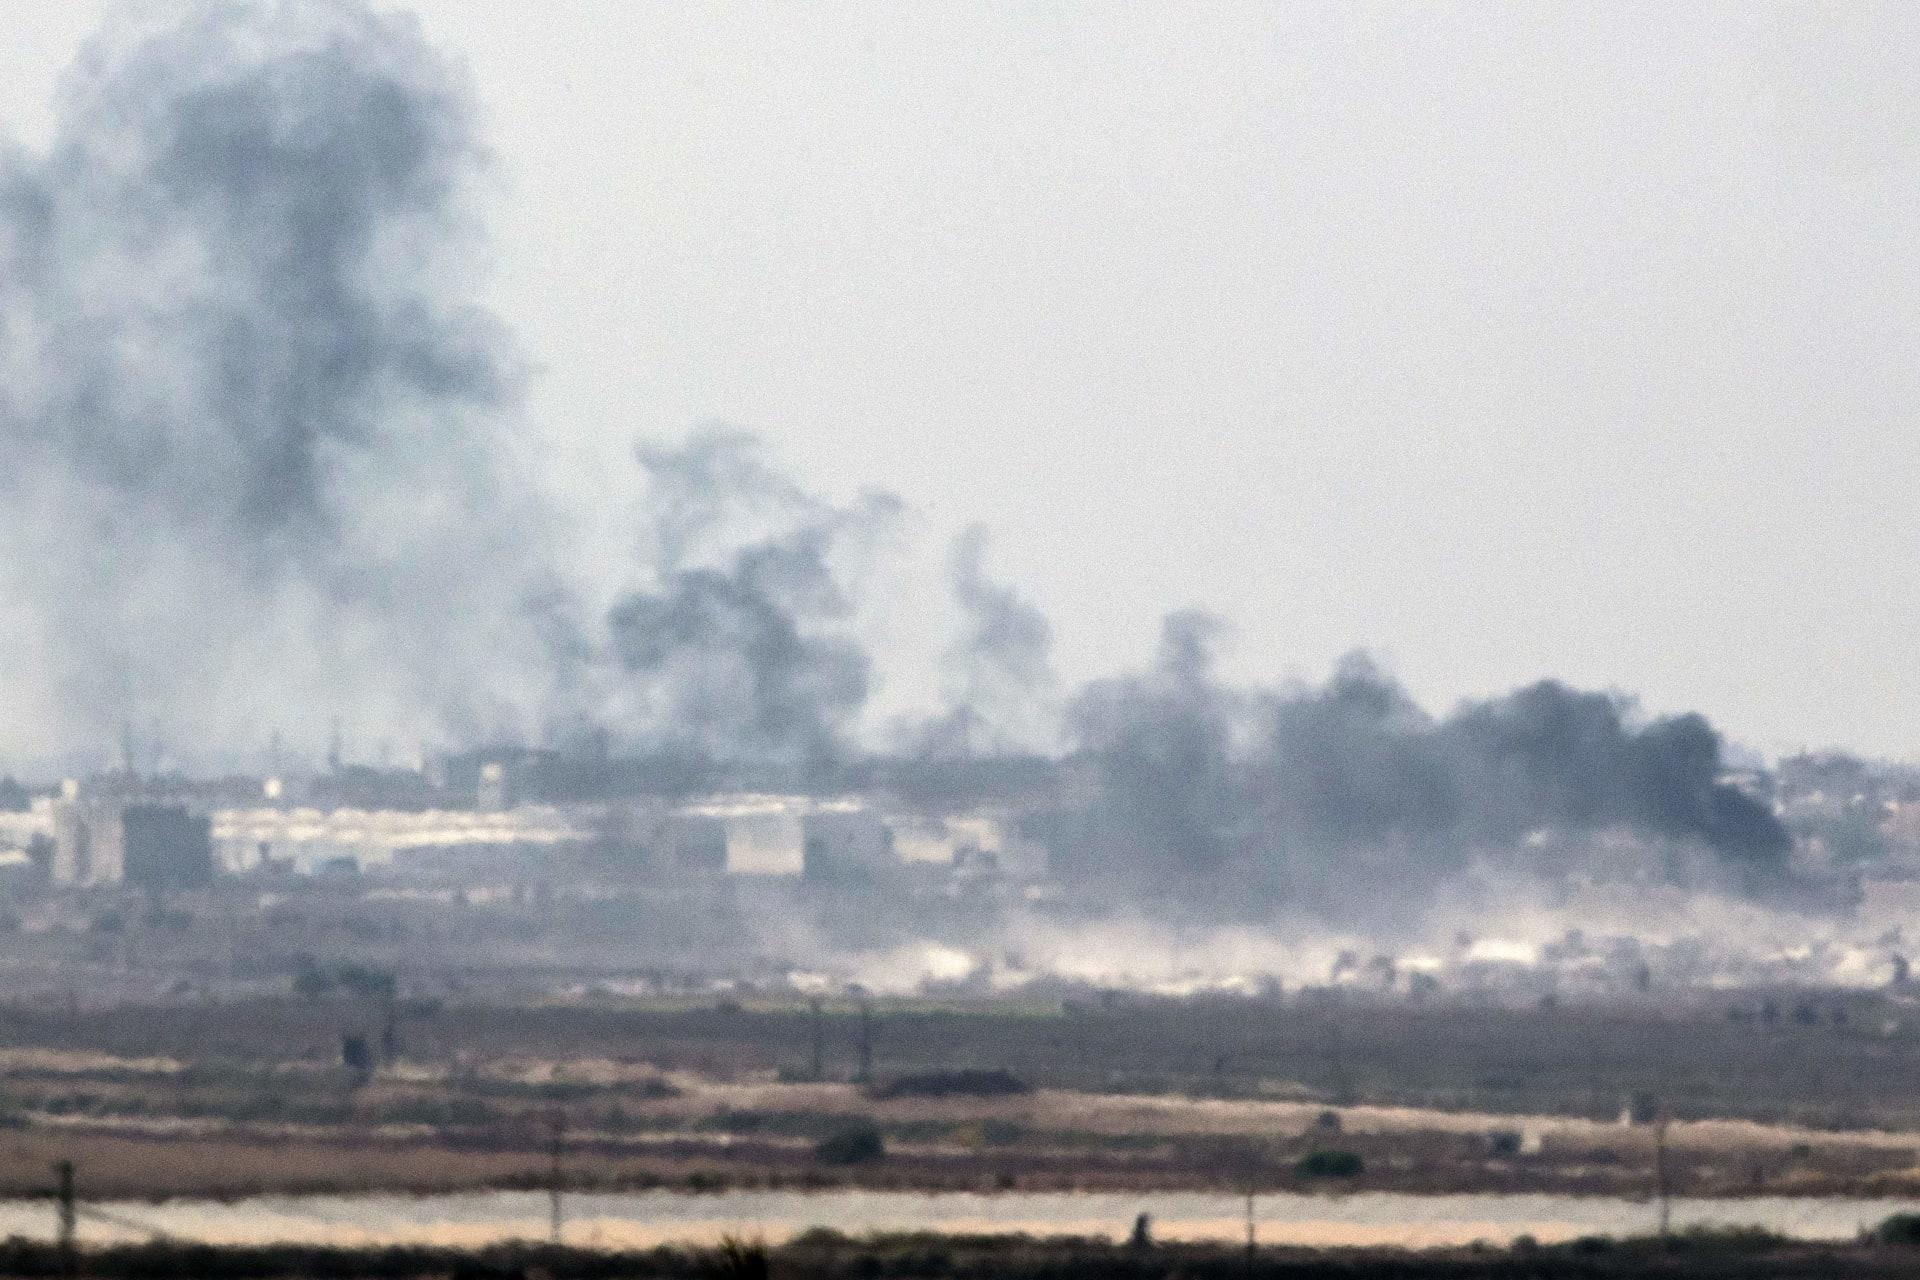 إسرائيل تشن أكثر من 30 غارة على غزة ردا على أكبر هجوم صاروخي منذ 2014